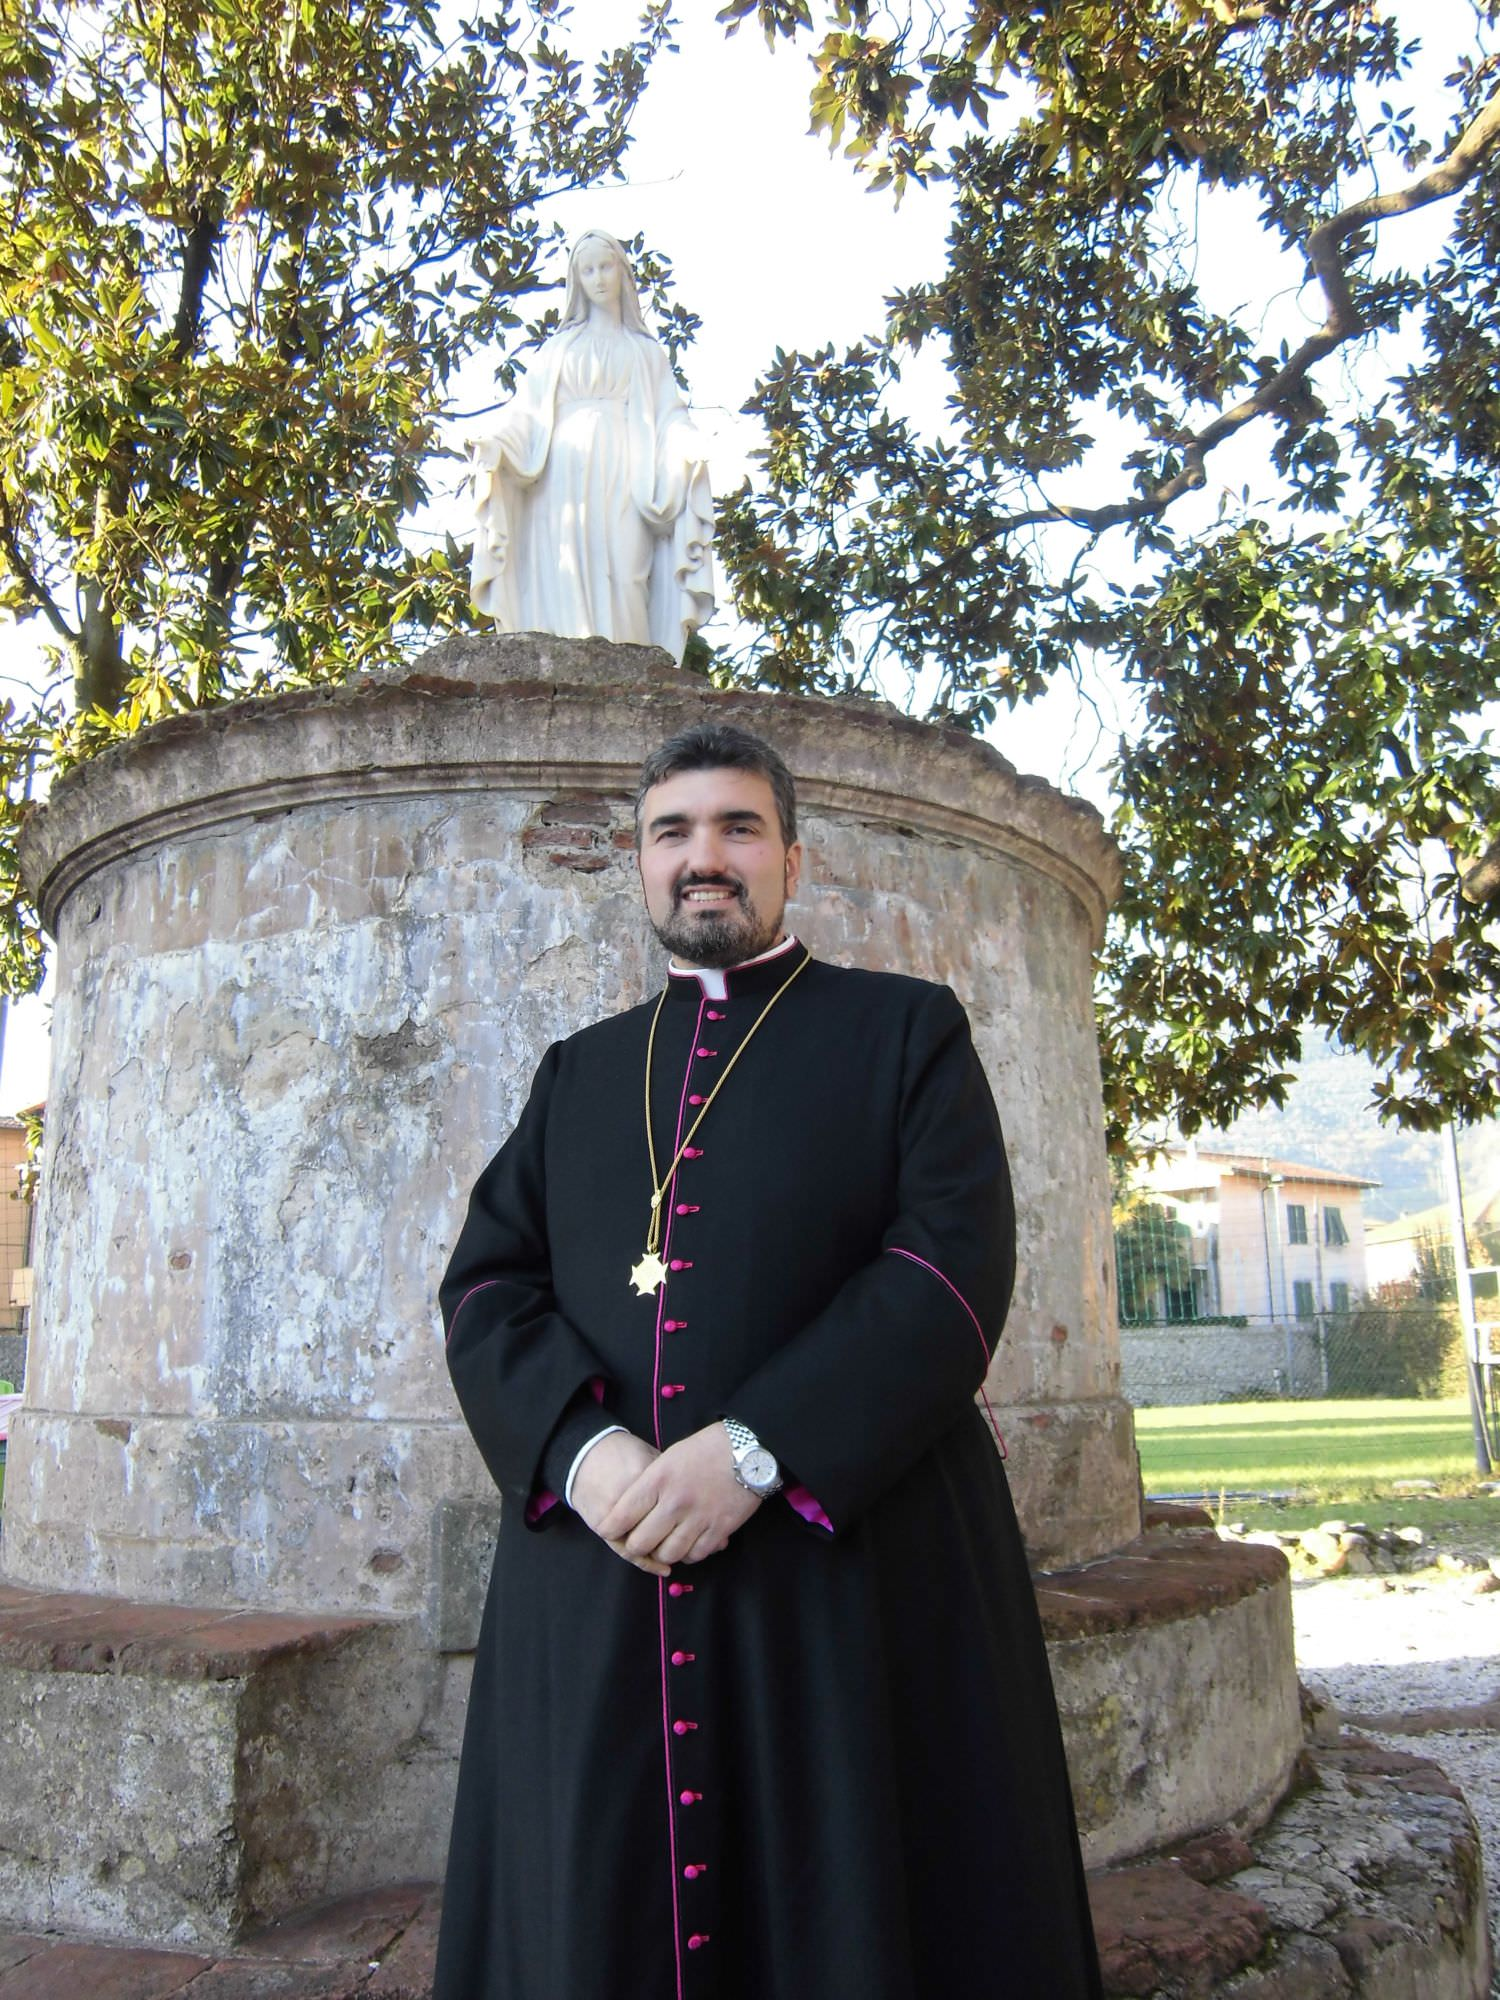 Buon Compleanno Monsi. I volontari della Parrocchia di Santa Maria Assunta festeggiano Don Damiano